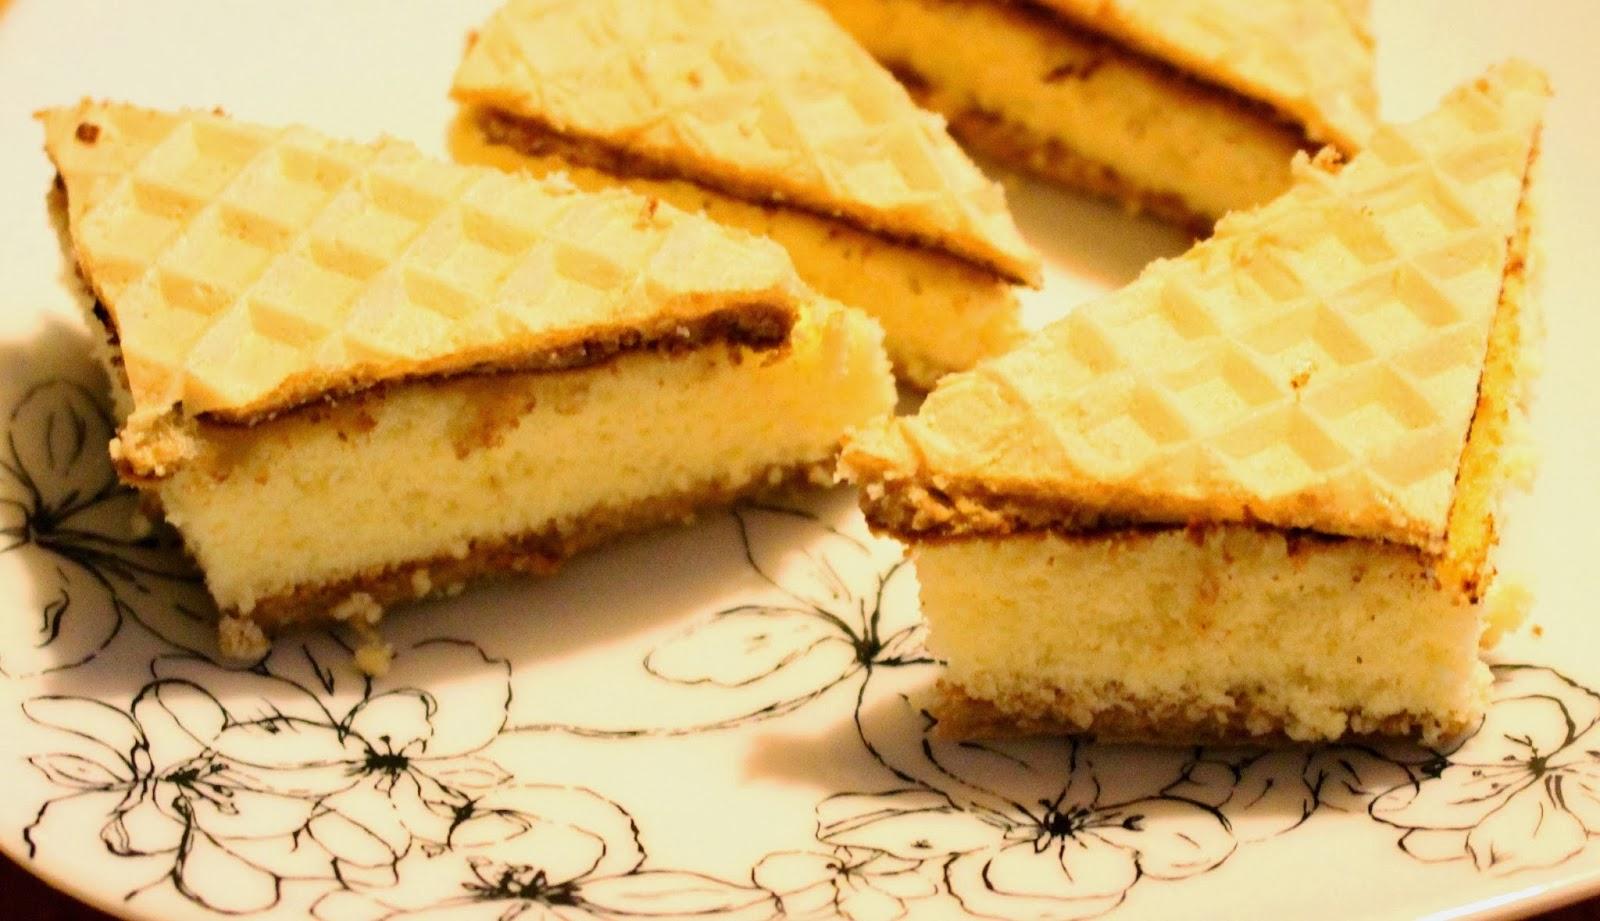 Dunkler Biskuitboden : und schinken biskuit aus 2 eiern rezepte suchen biskuit aus 2 eiern